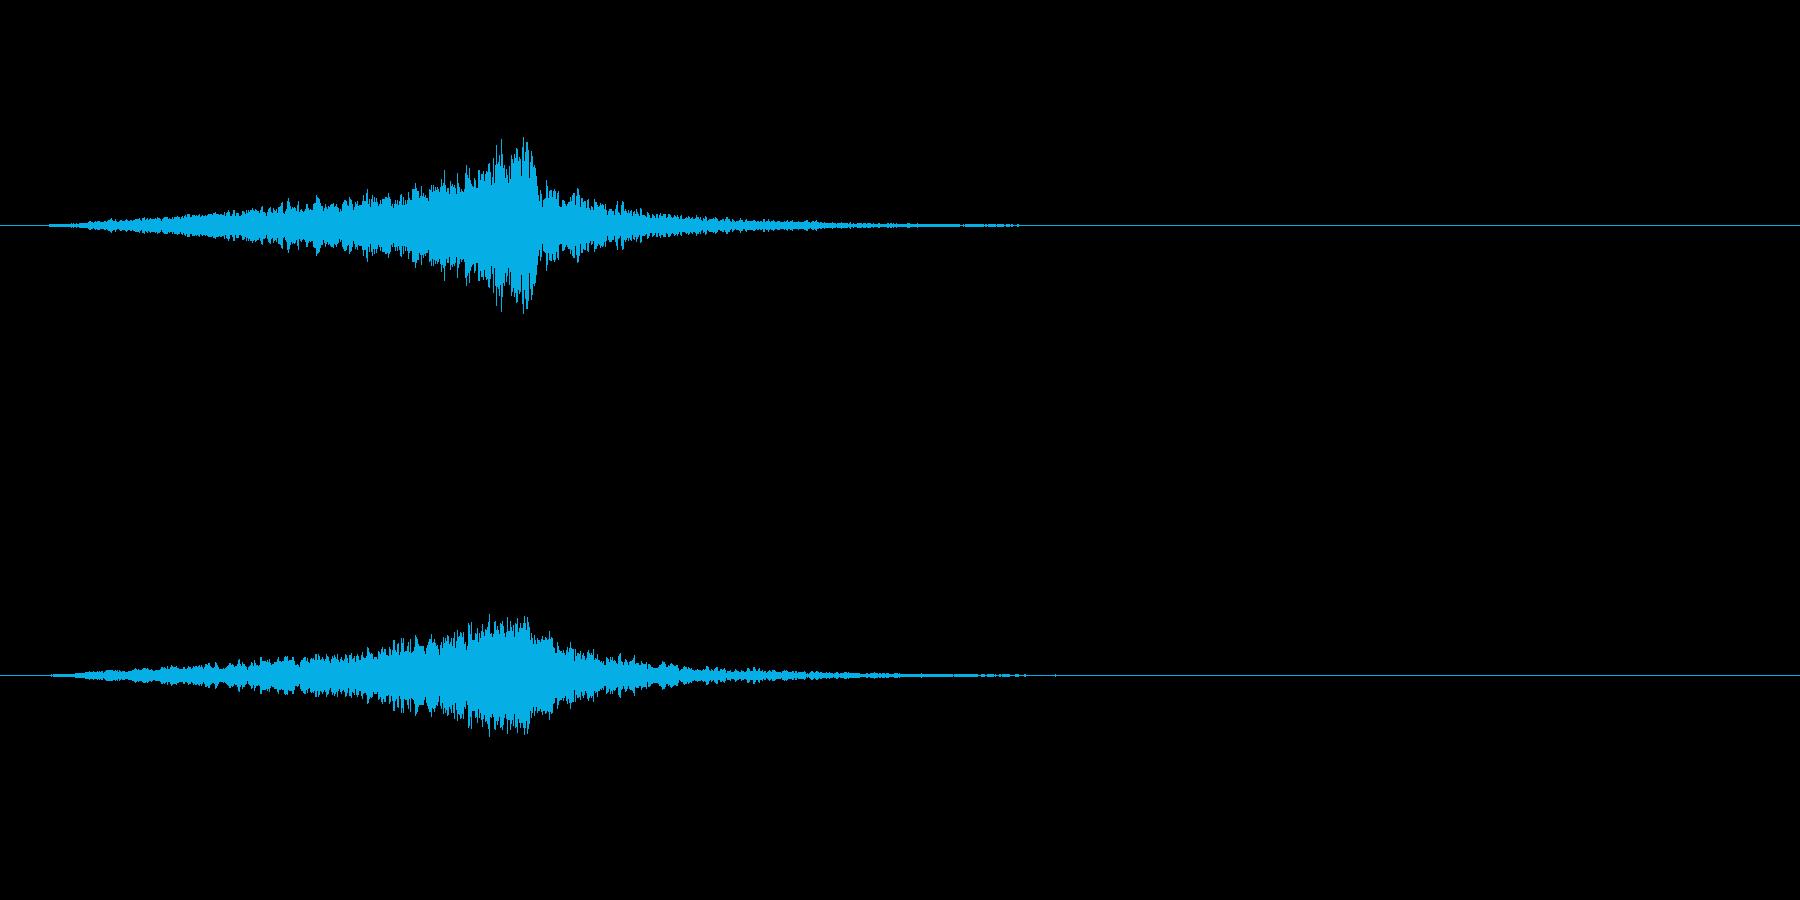 ヴァイオリン、クレッシェンドリマイ...の再生済みの波形